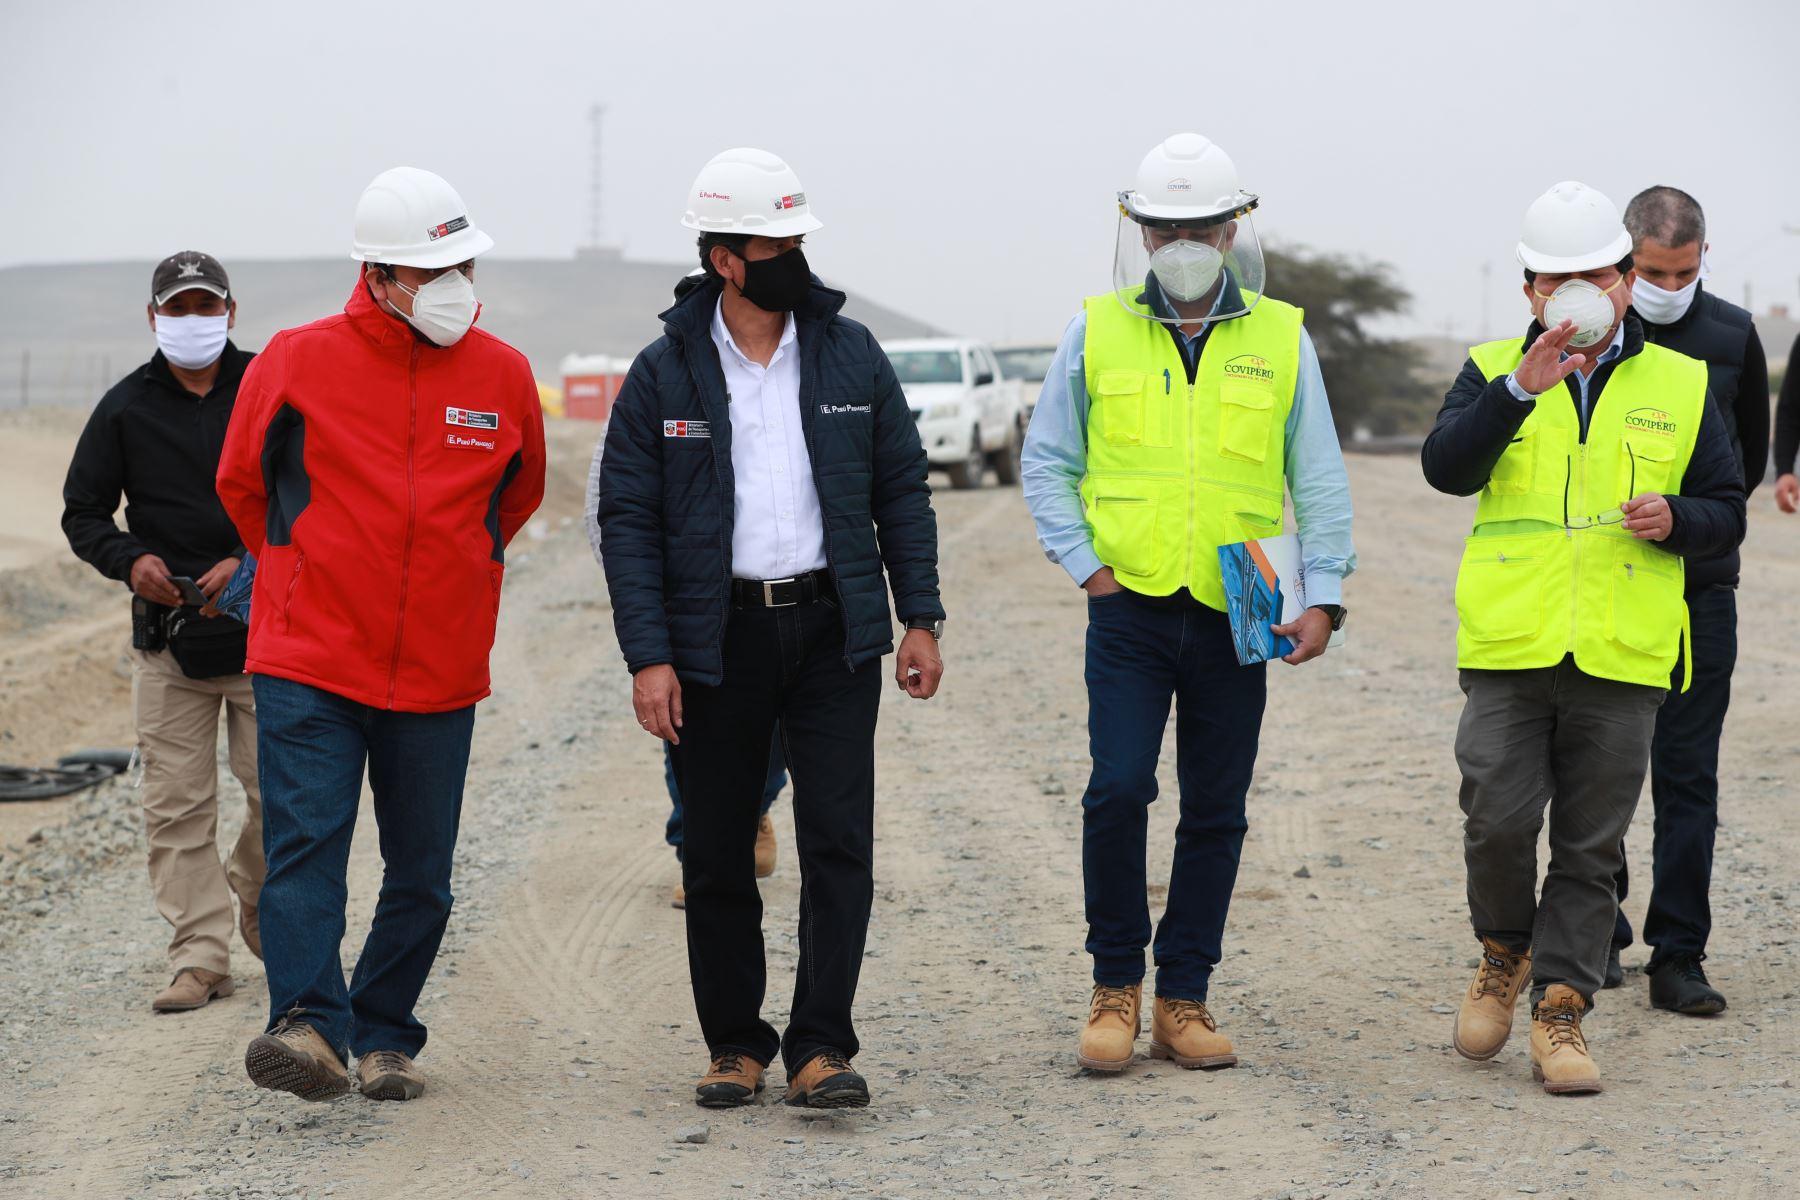 Ministro Carlos Lozada supervisa avances de segunda calzada en la Panamericana Sur de San Andrés a Guadalupe. Trabajo se reanudó en la fase 1 de la reactivación. Foto: MTC